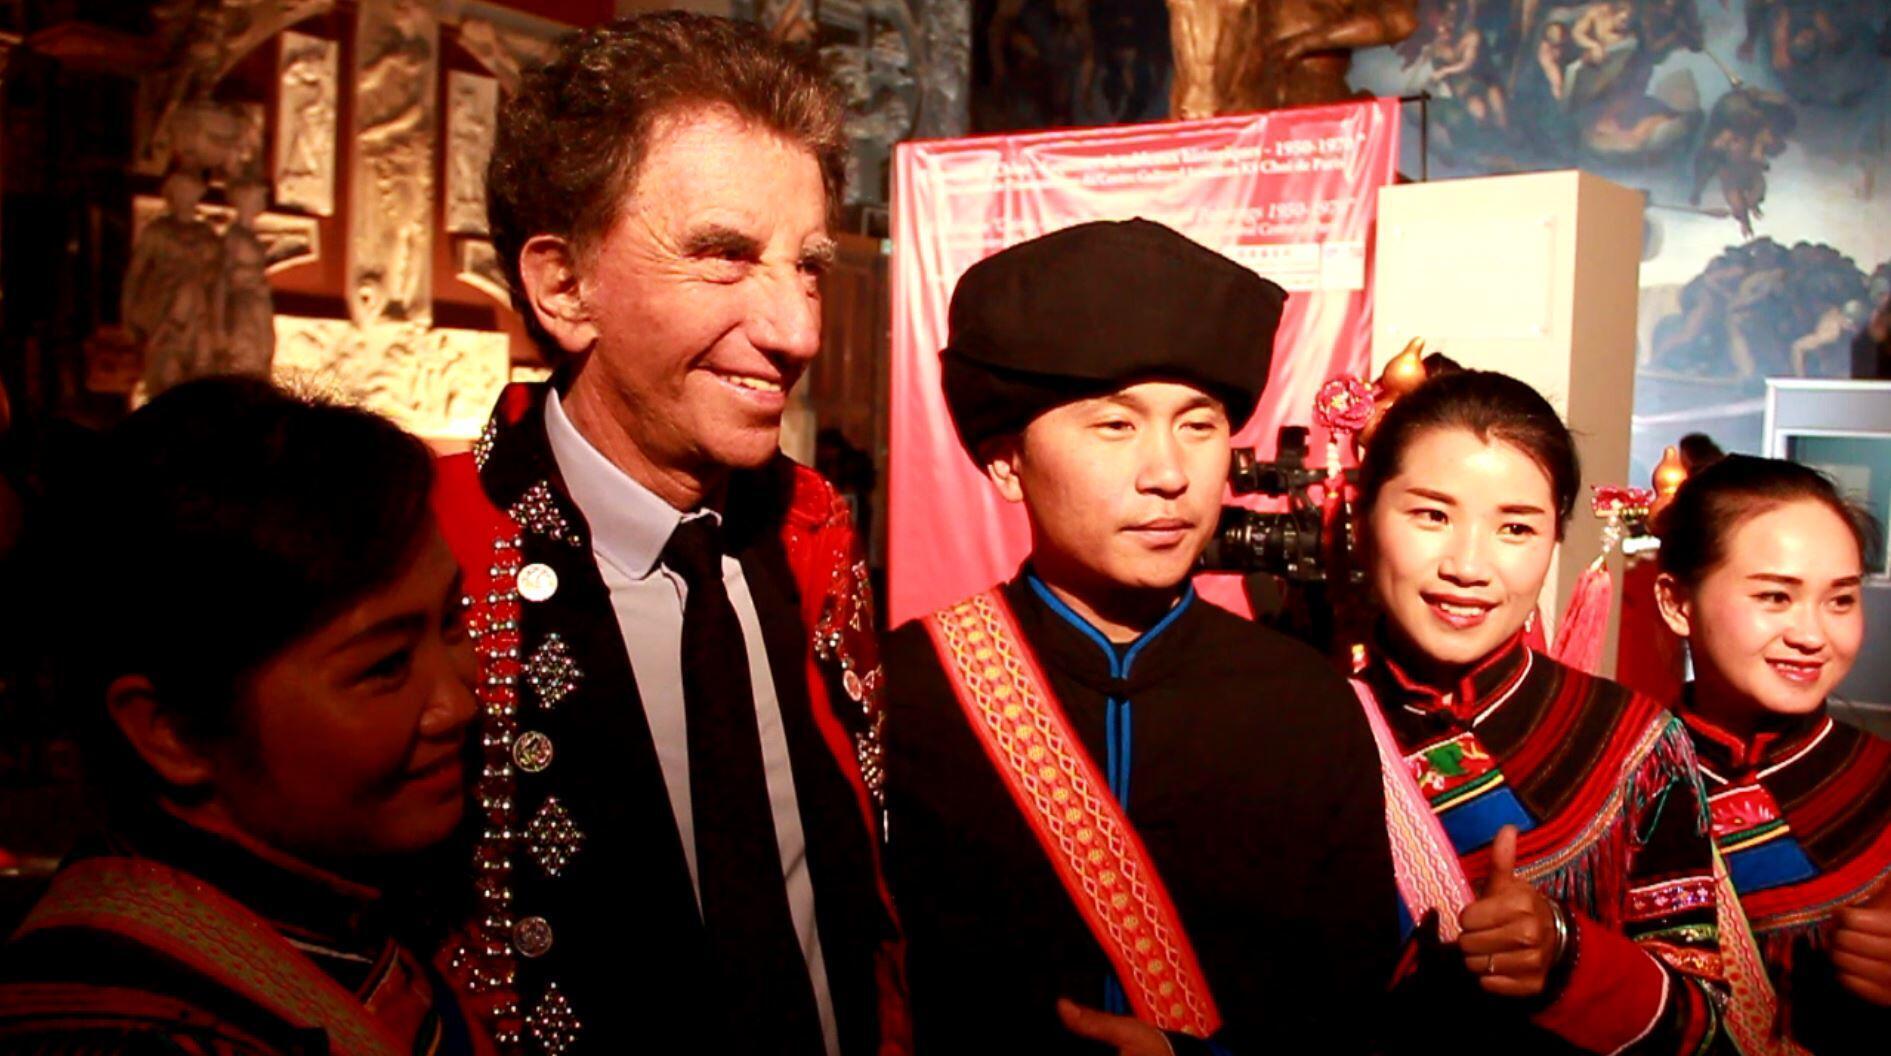 """法国前文化部长雅克-朗出席""""1950-1970年手稿图中的中国历史""""展览揭幕式"""